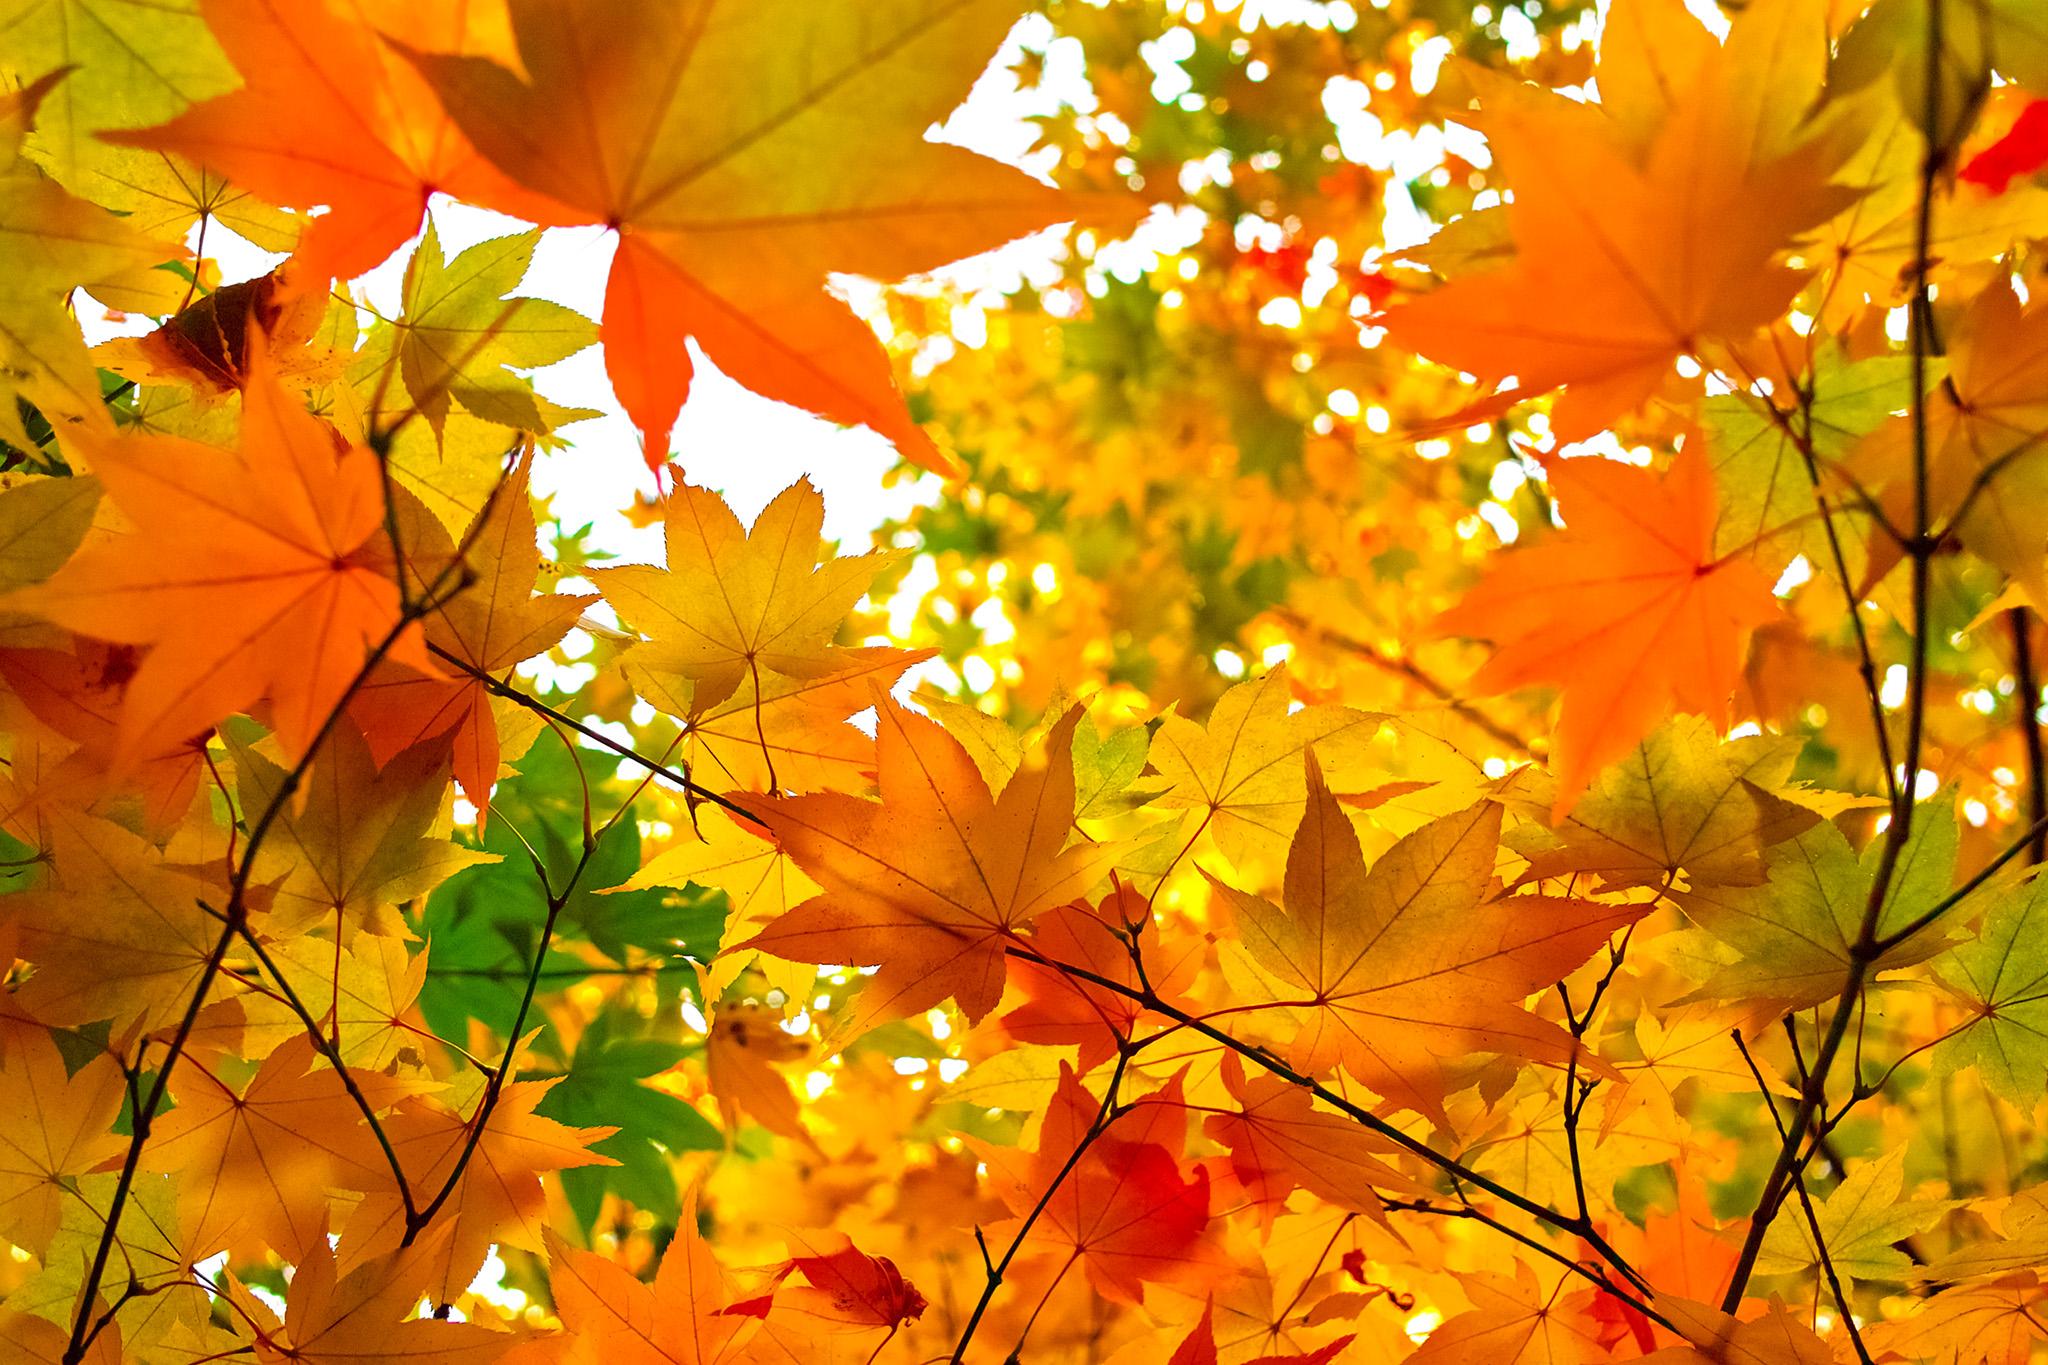 「秋色に染まる楓の葉」の写真素材を無料ダウンロード